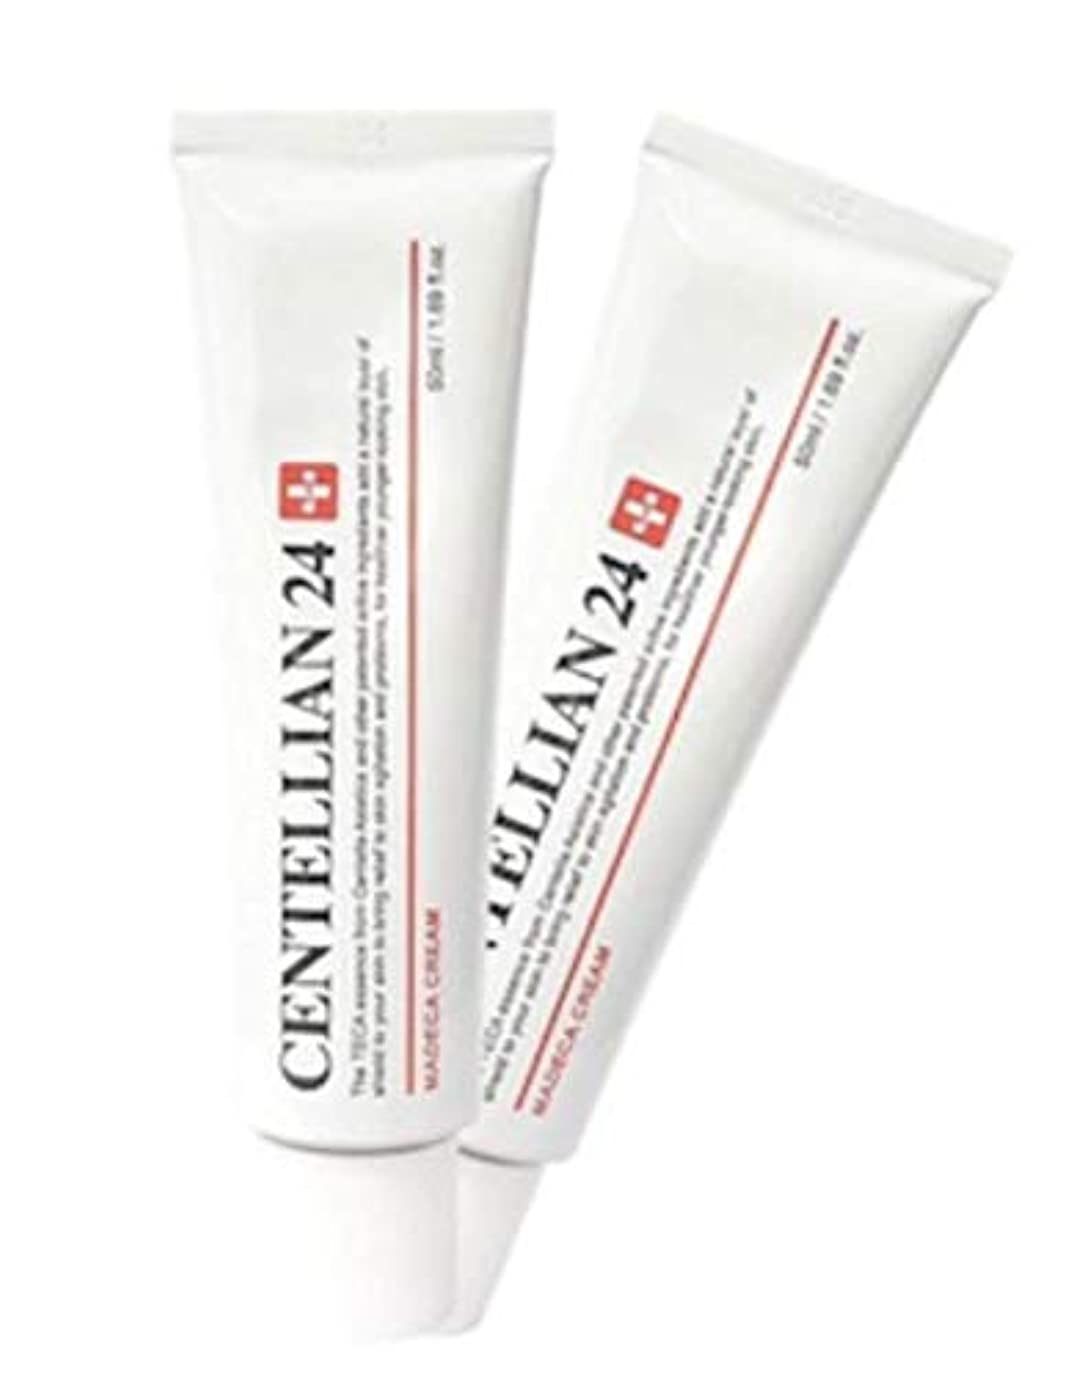 圧力クランプ怪しいセンテルリアン24マデカクリム50ml x 2本セット肌の保湿損傷した肌のケア、Centellian24 Madeca Cream 50ml x 2ea Set Skin Moisturizing Damaged Skin...